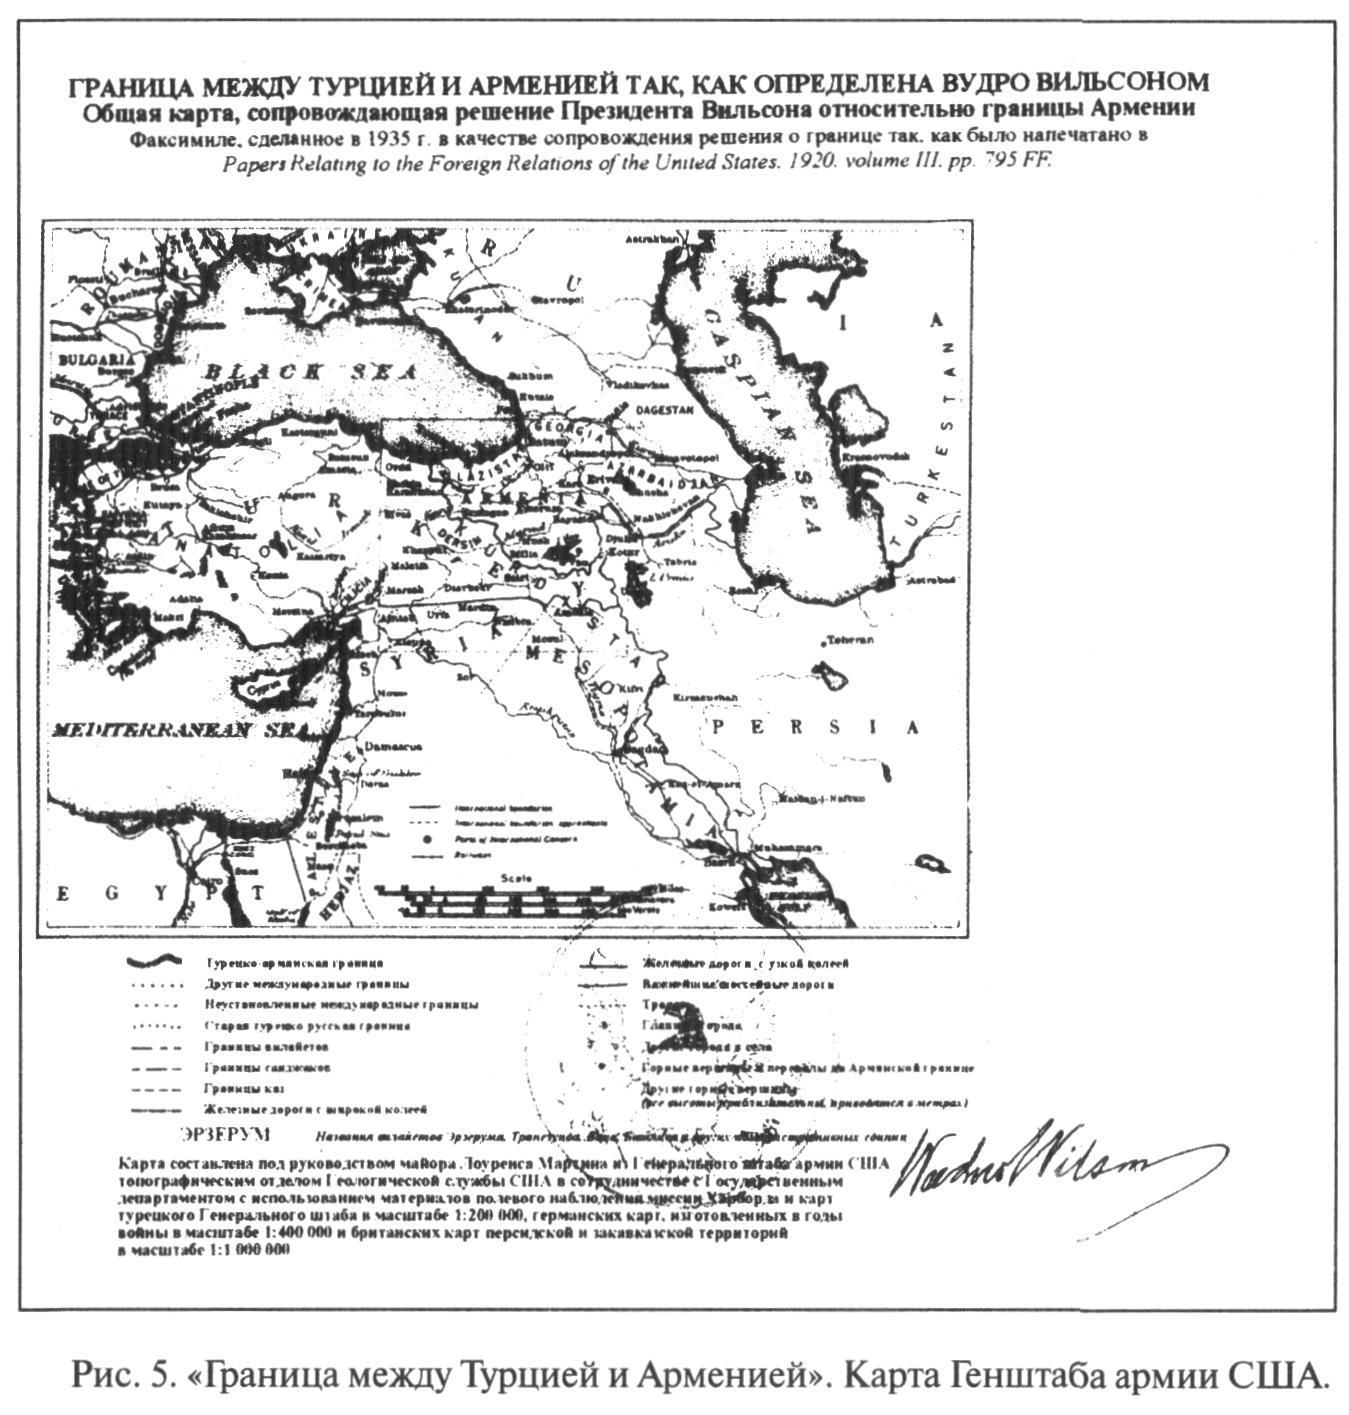 Трения между россией и грузией по поводу спорных анклавов южная осетия и абхазия